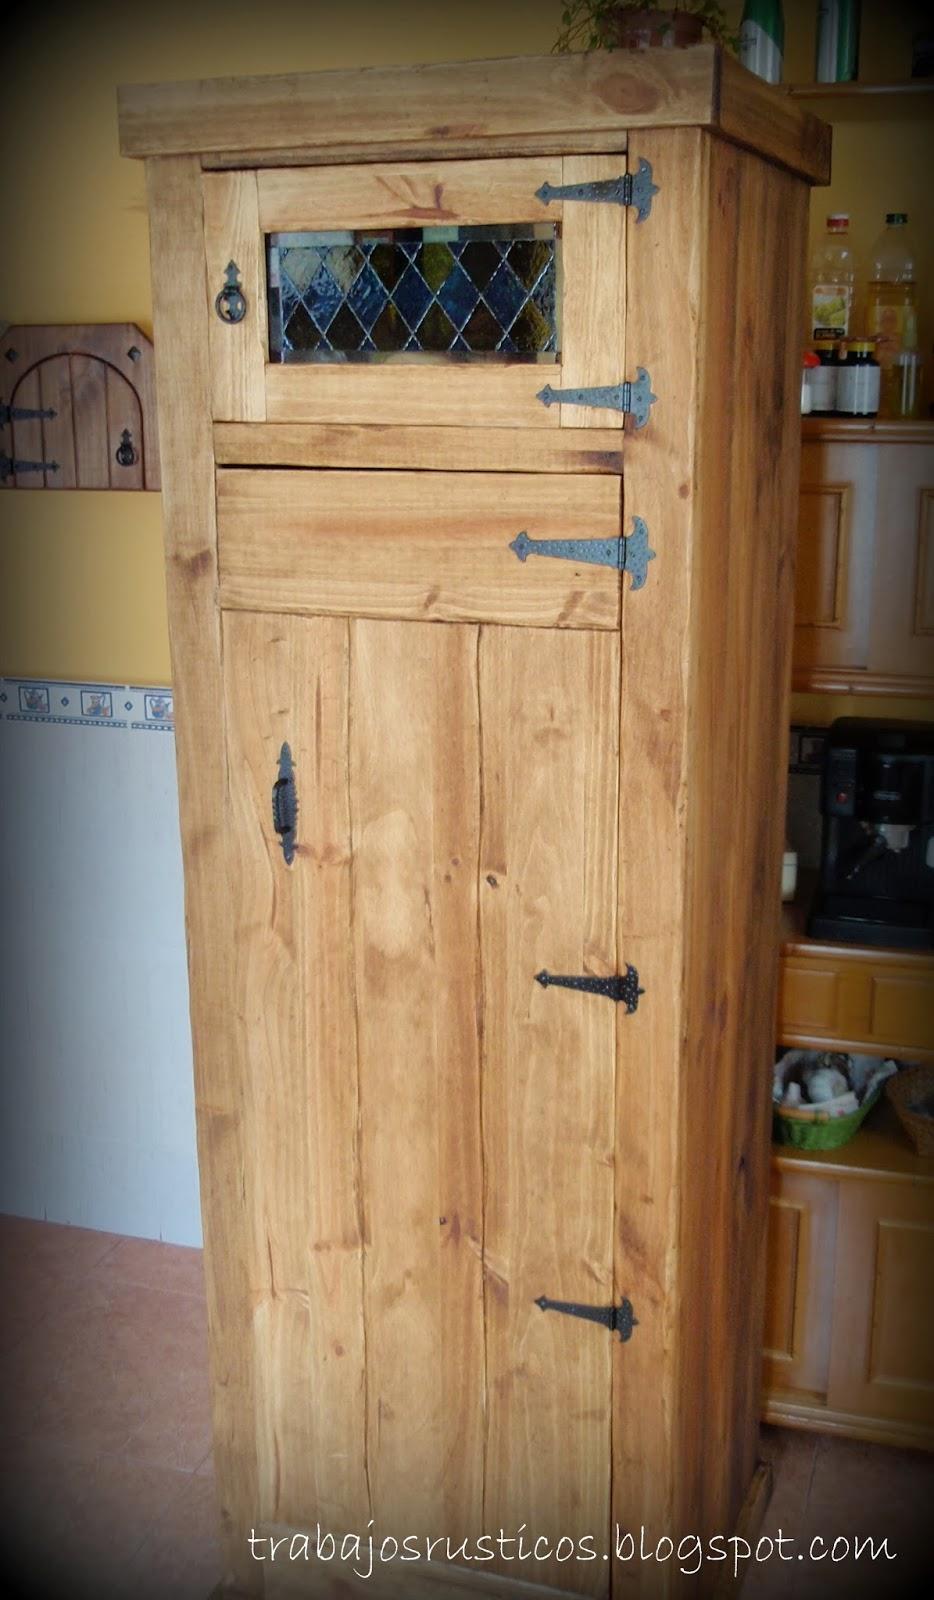 Trabajos r sticos alacena para la cocina - Alacenas de madera para cocina ...